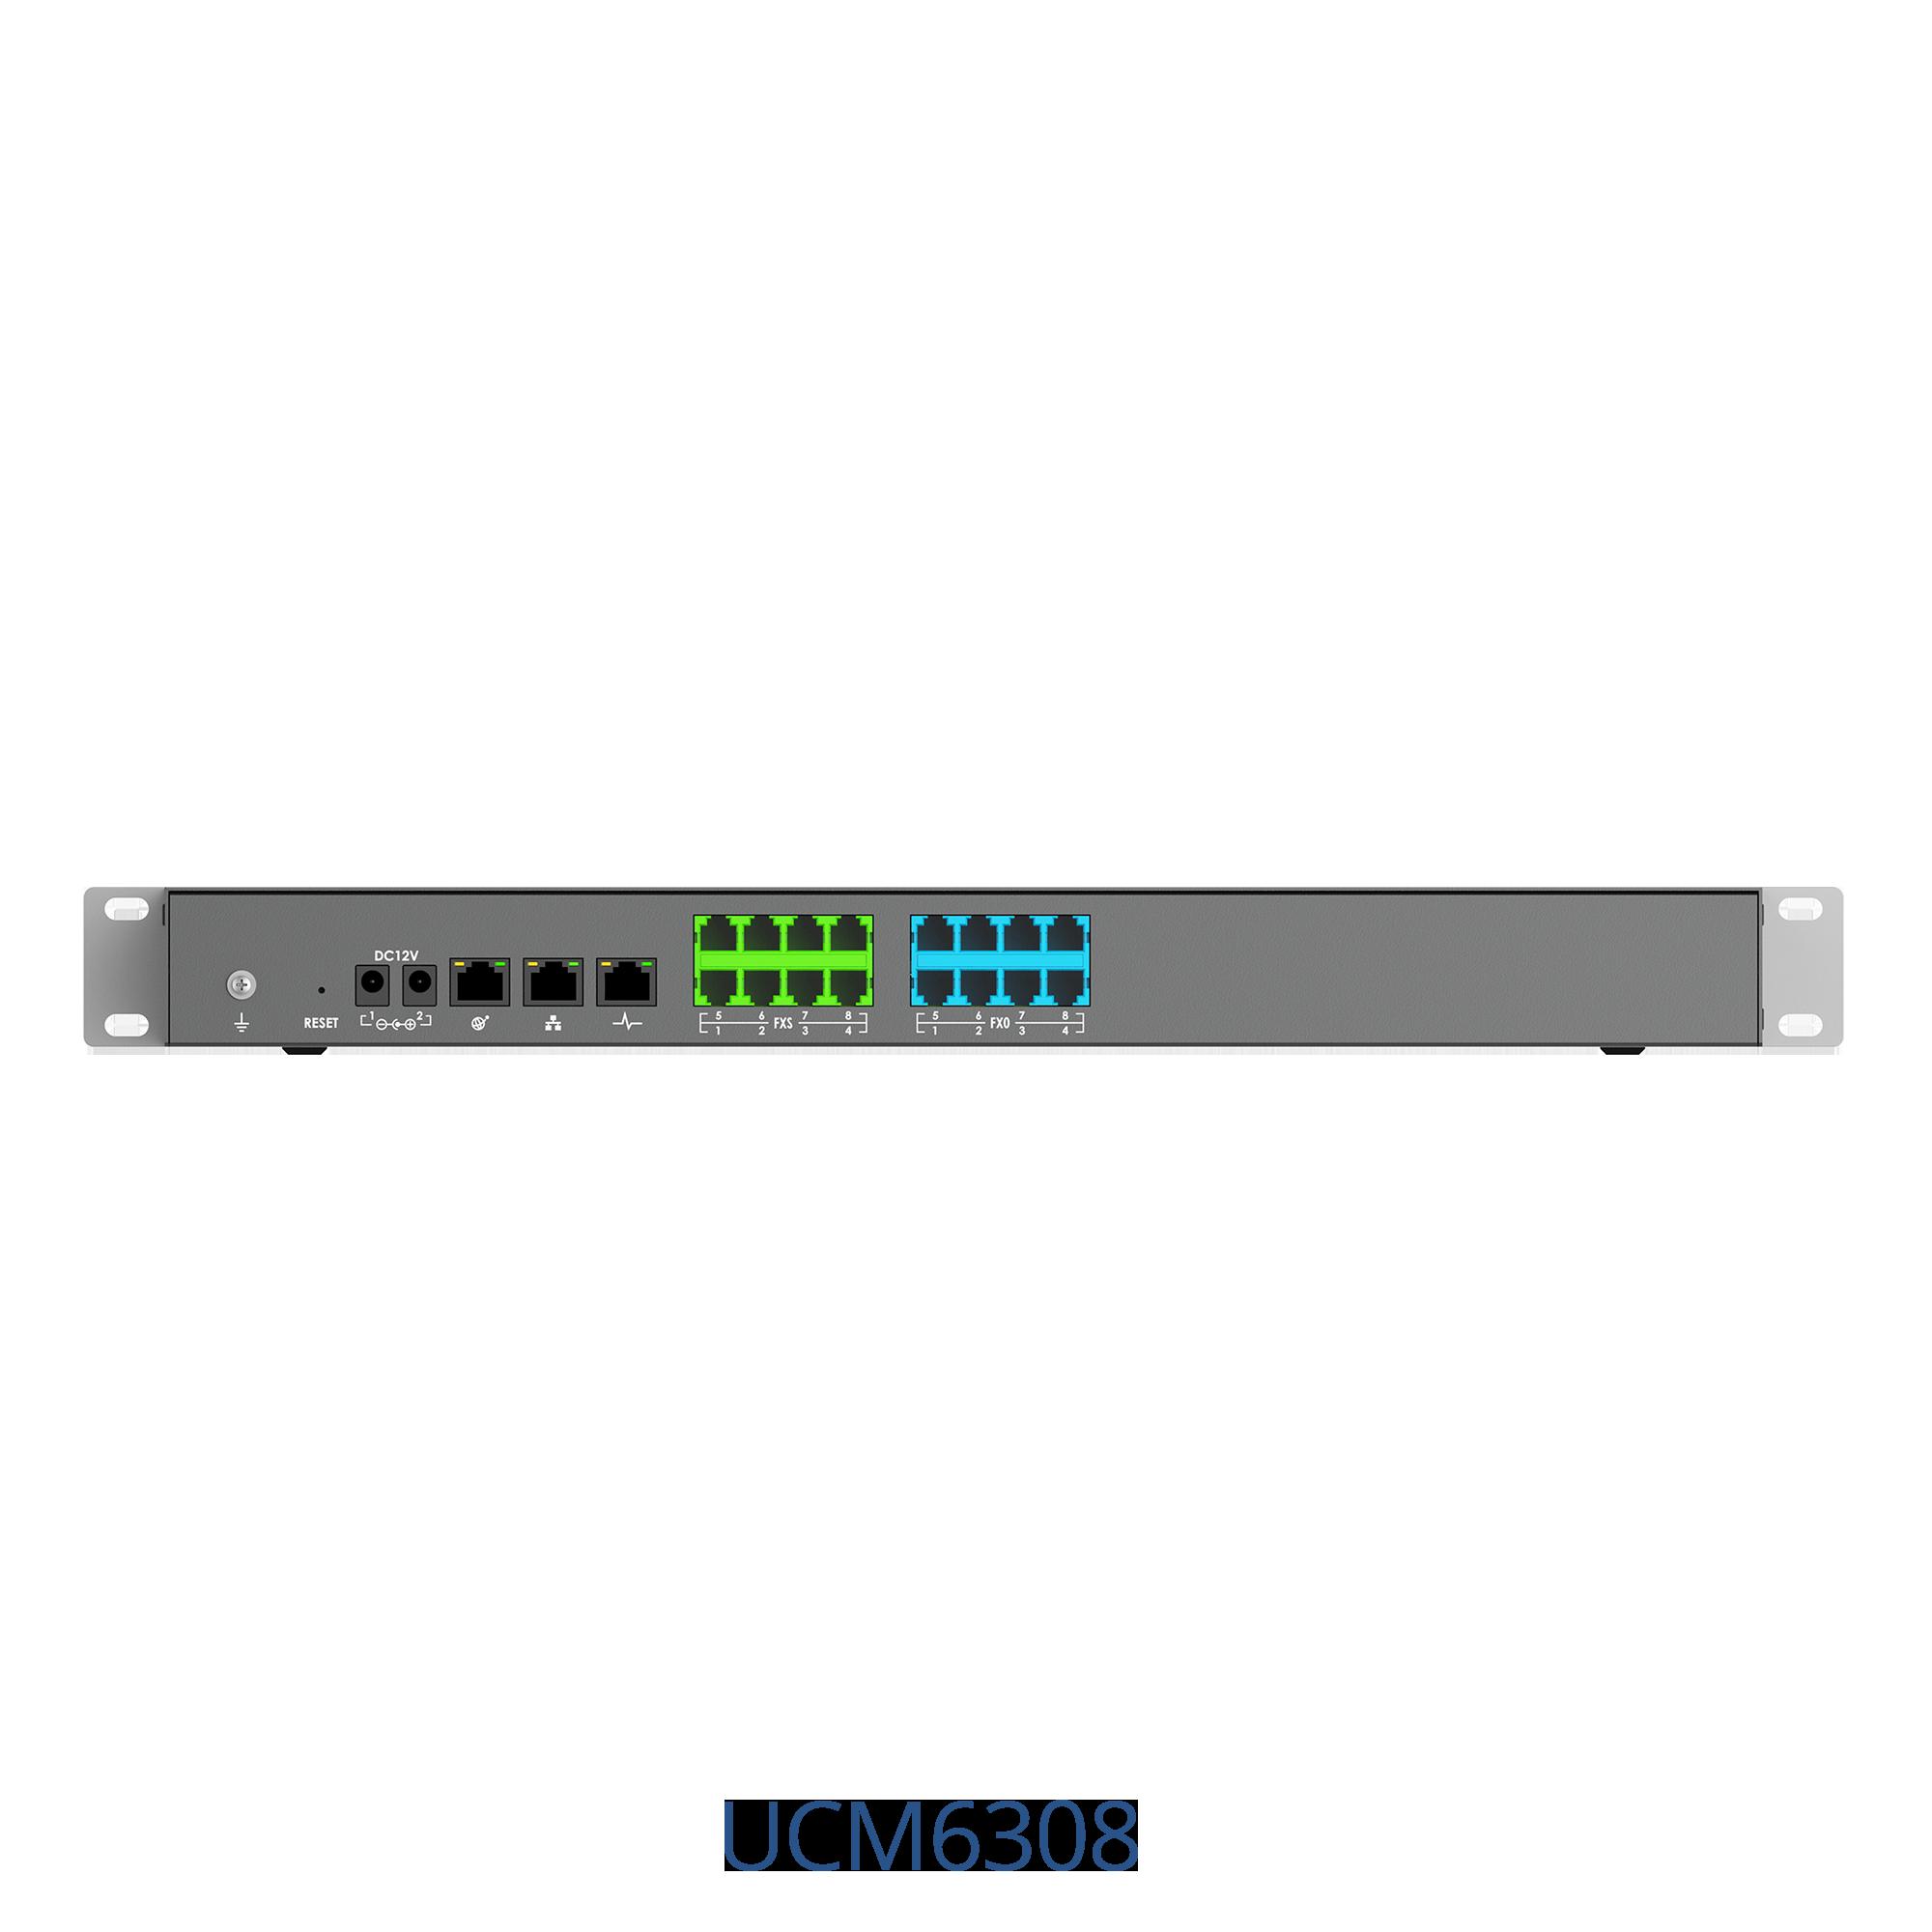 UCM6308_back